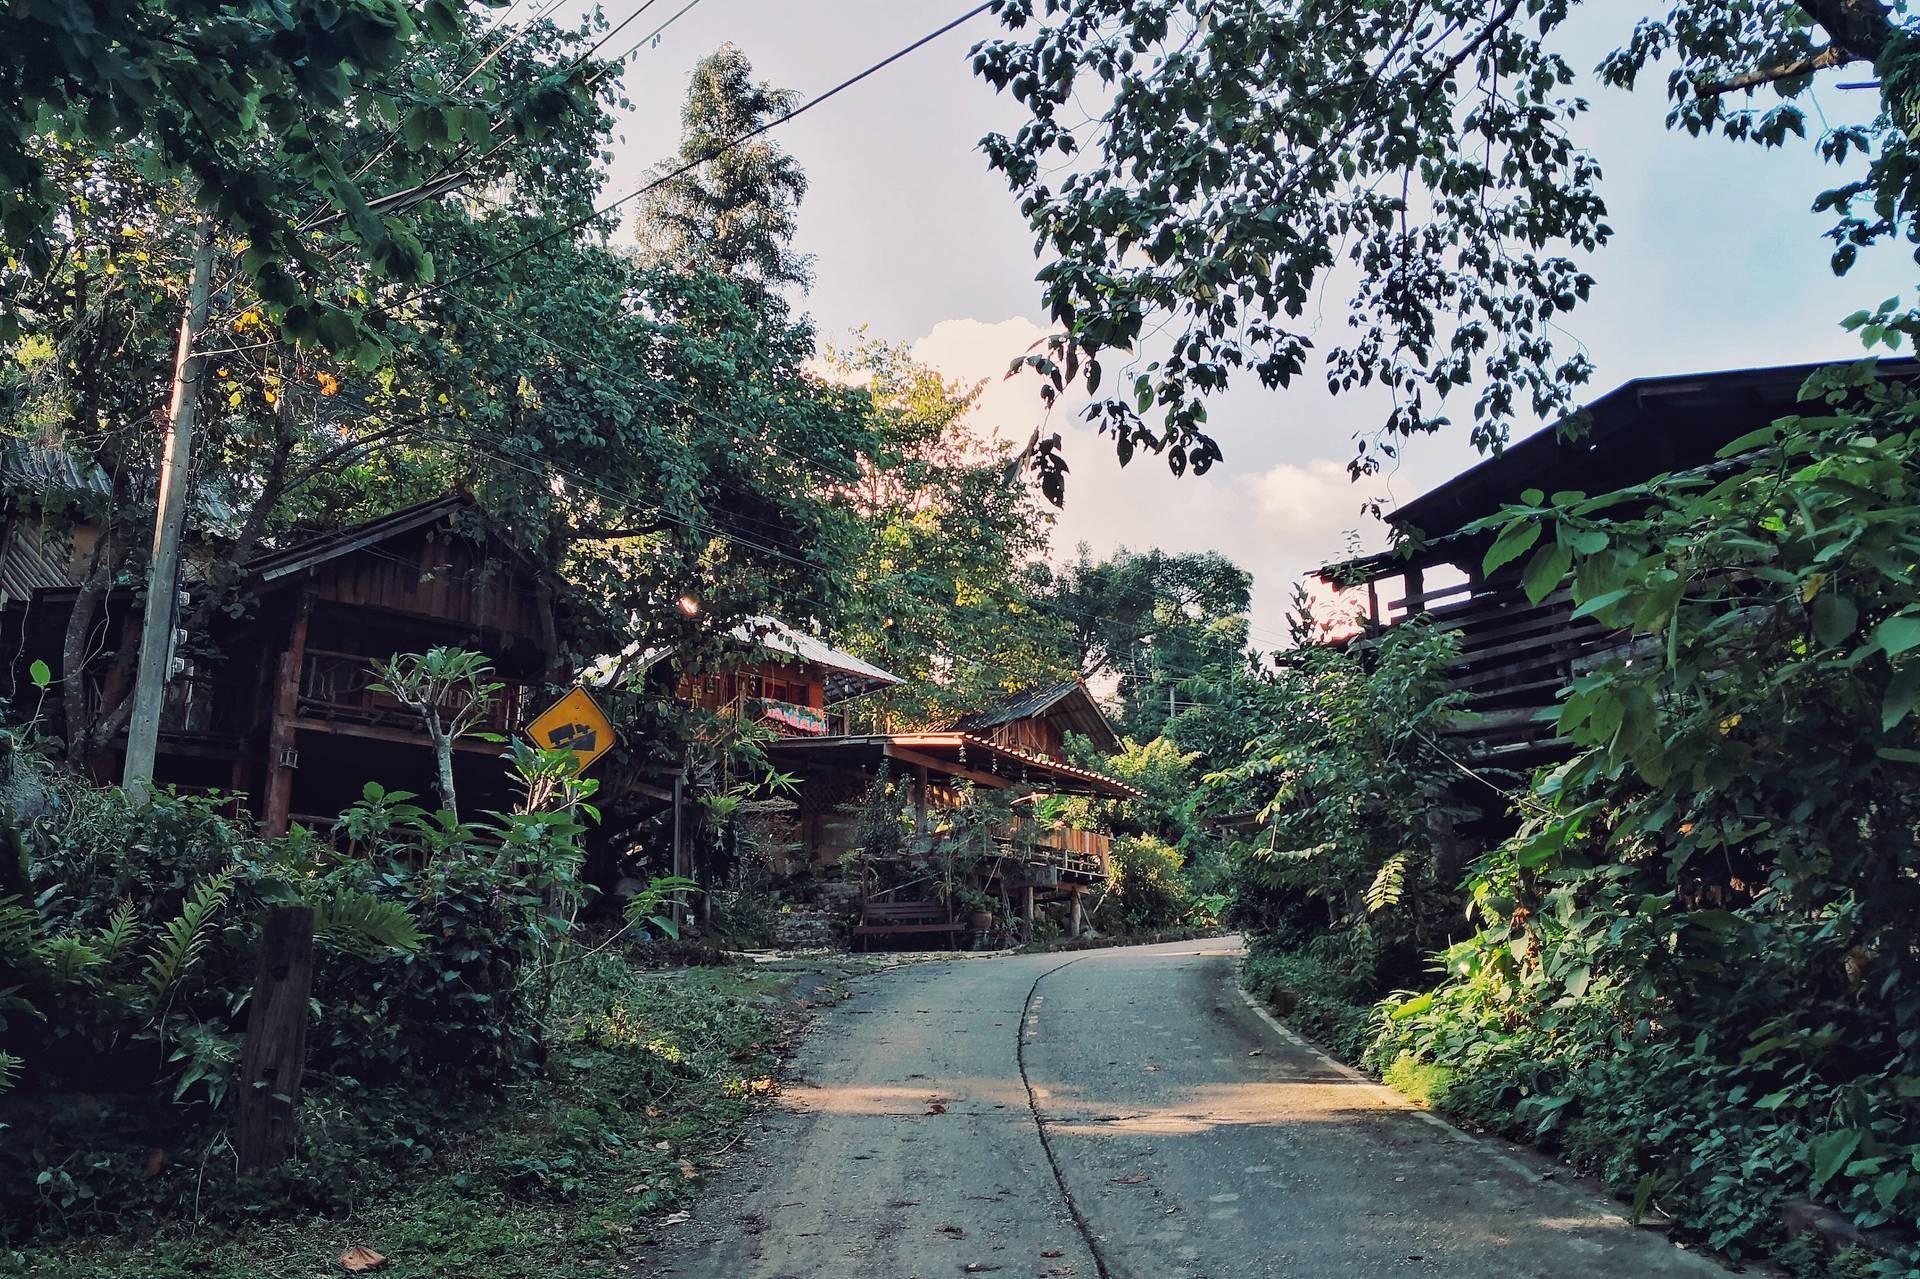 ชุมชนบ้านป่าเหมี้ยง